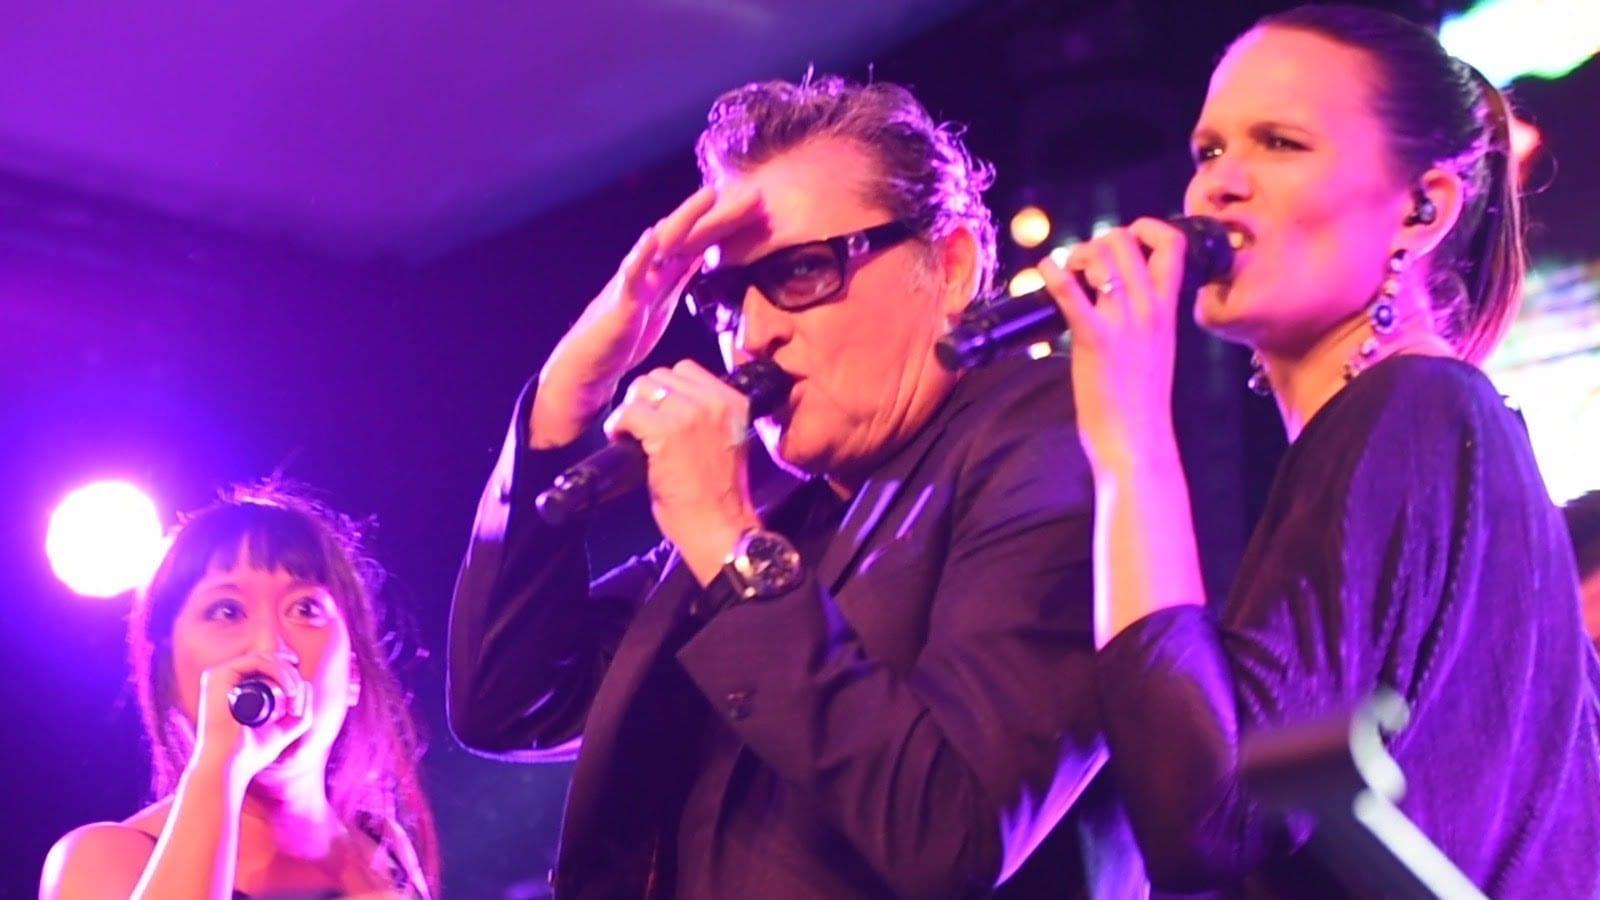 Barry Hay rockt op prive feest met klassieker Radar Love en BTP feestband (37)